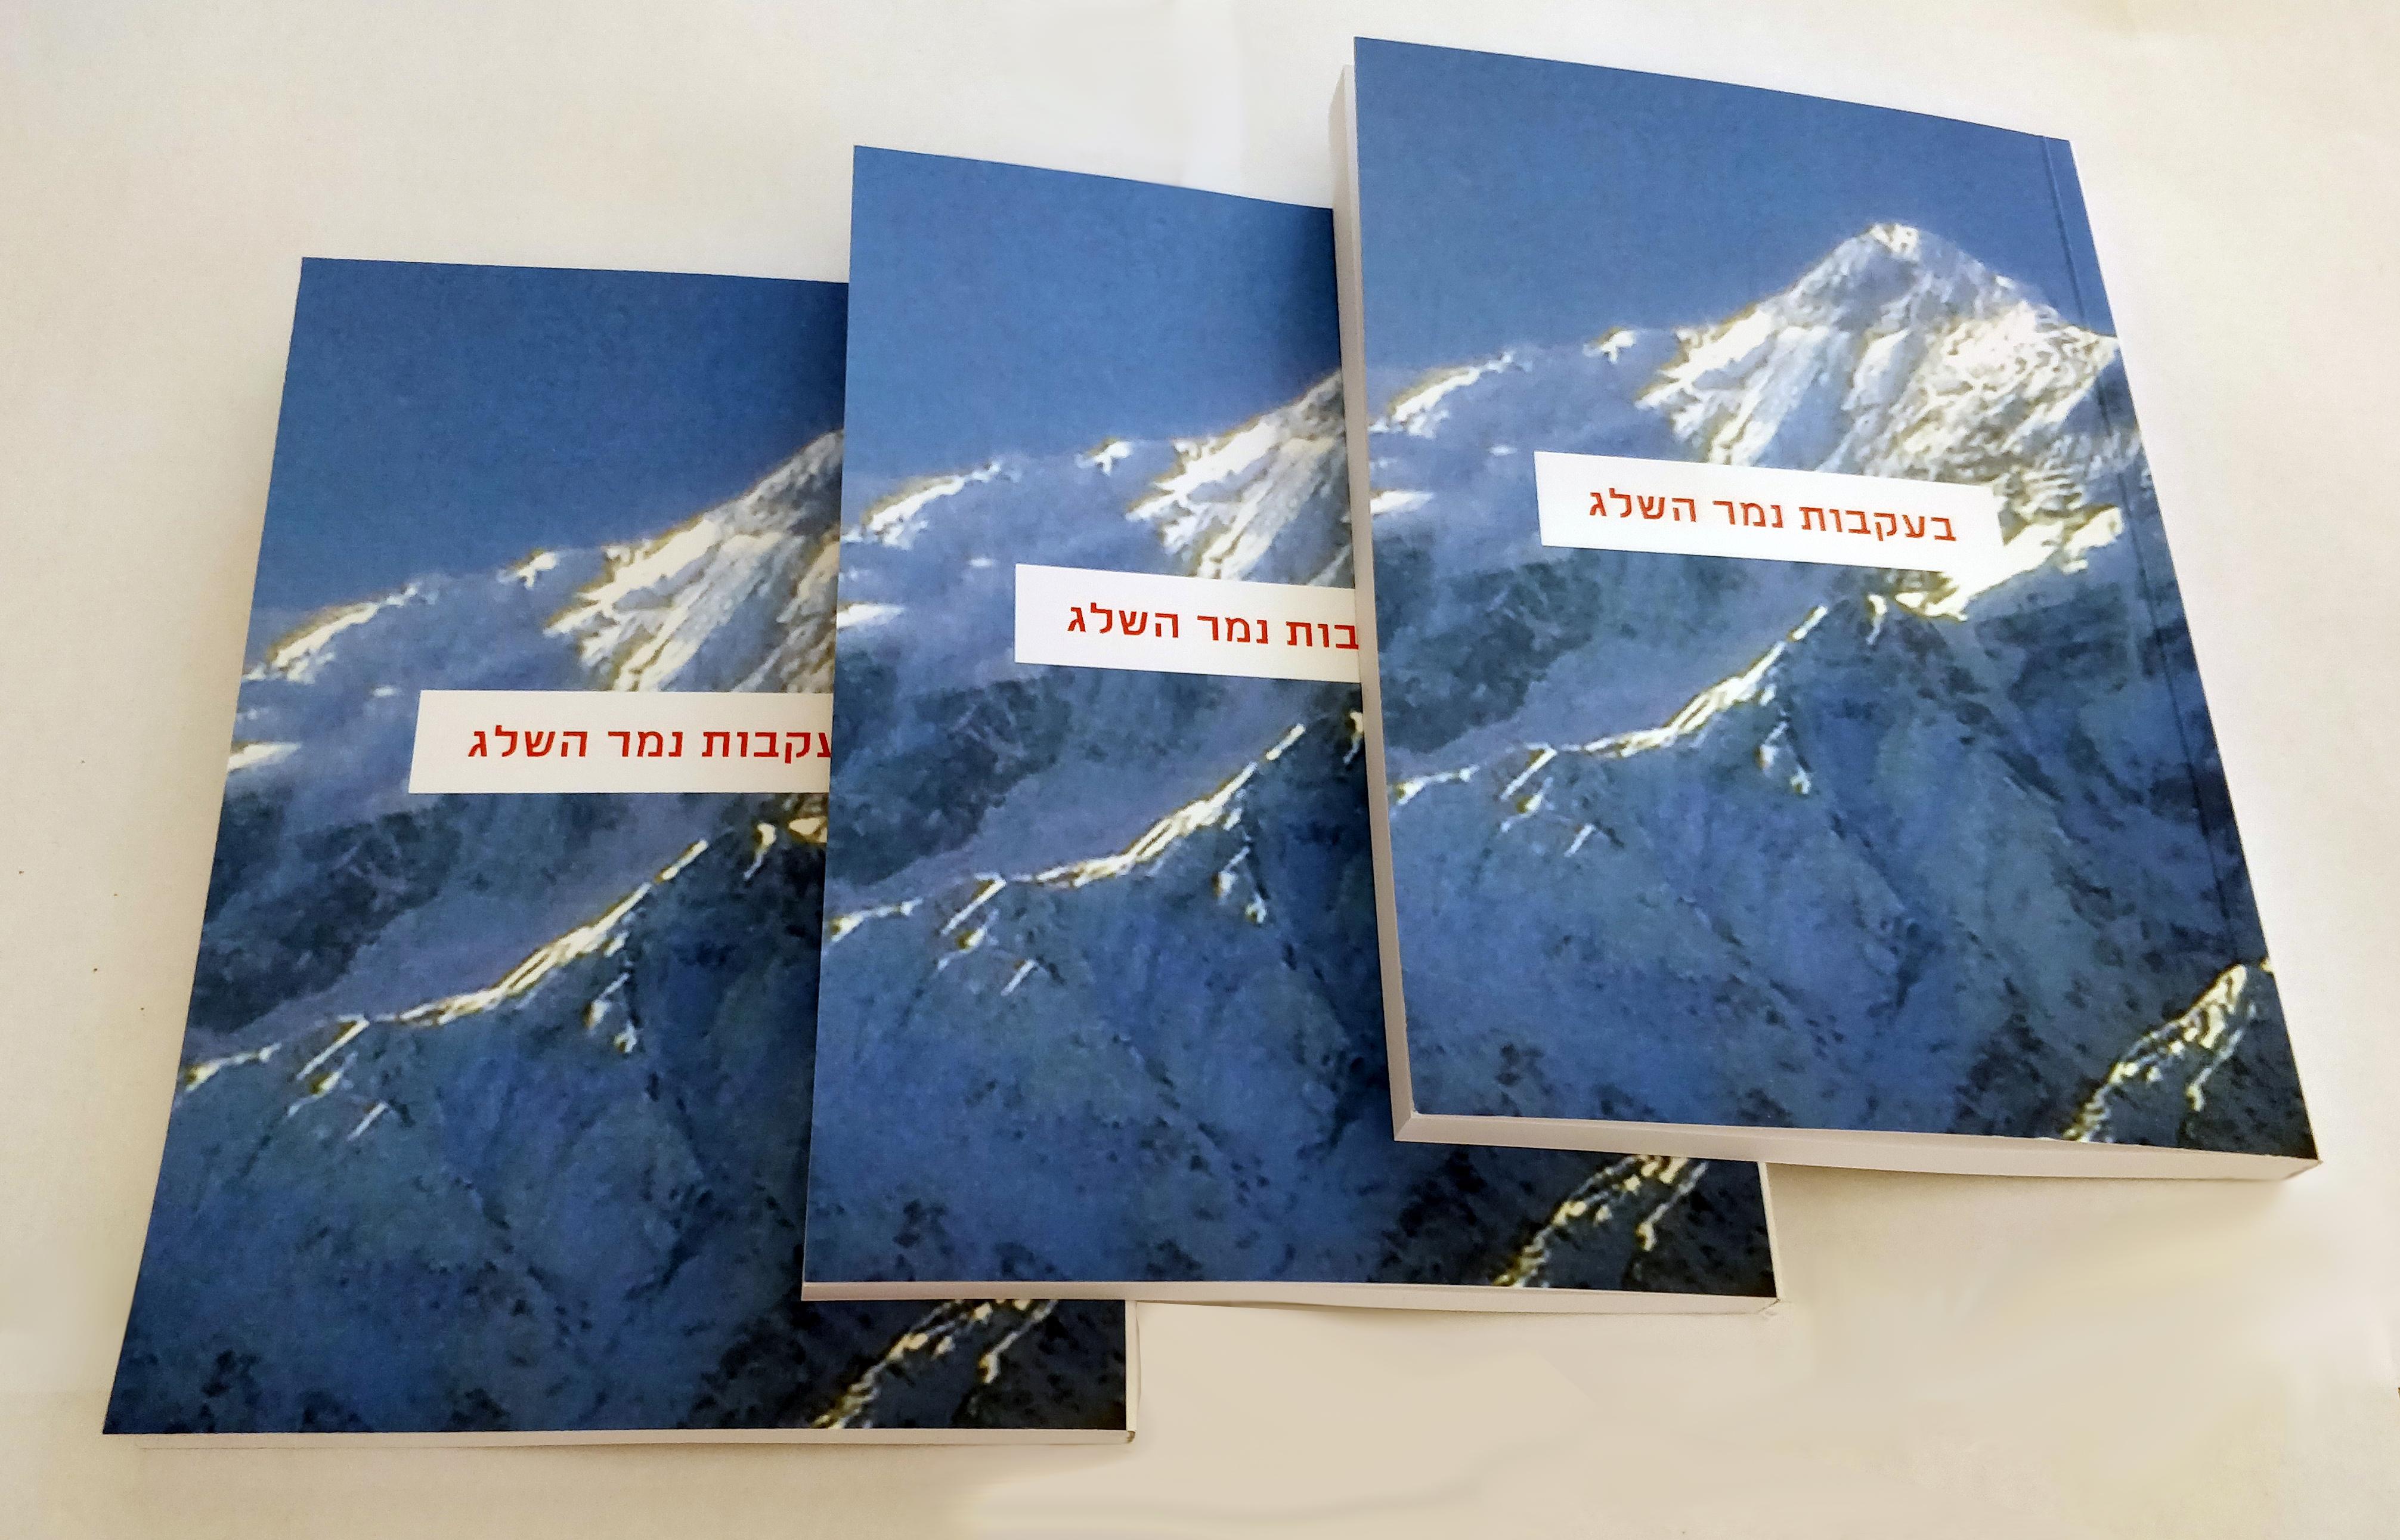 בעקבות נמר השלג הדפסת ספרים